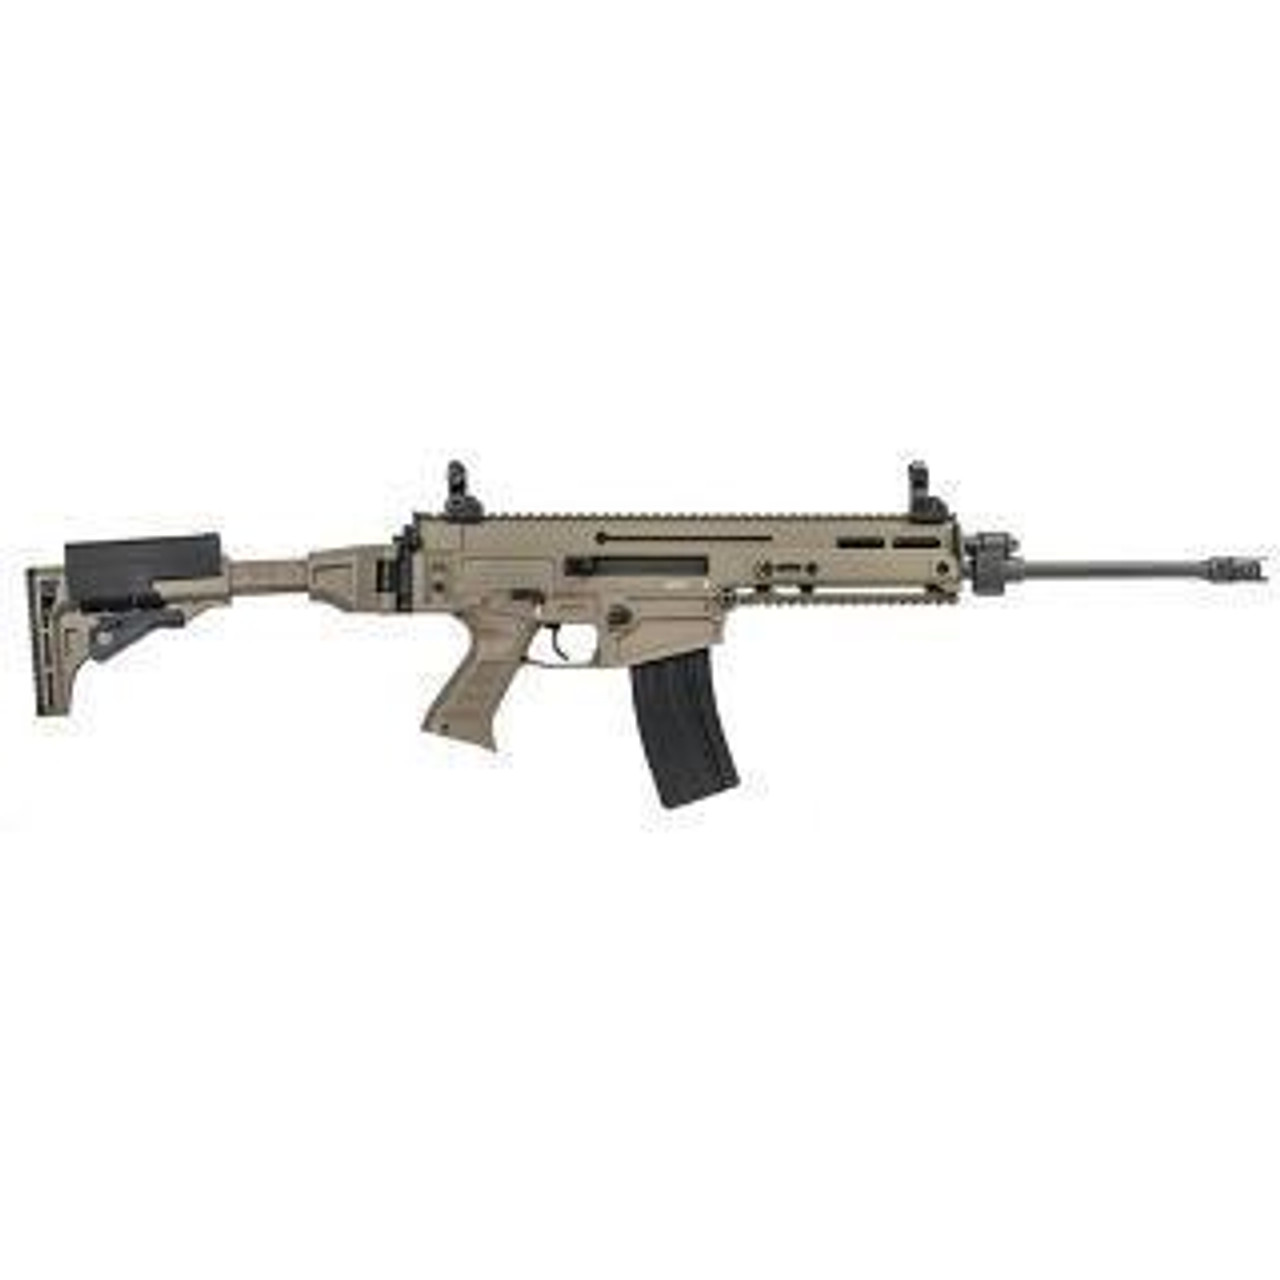 CZ Bren 805 Carbine CALIFORNIA LEGAL - 5.56 - FDE